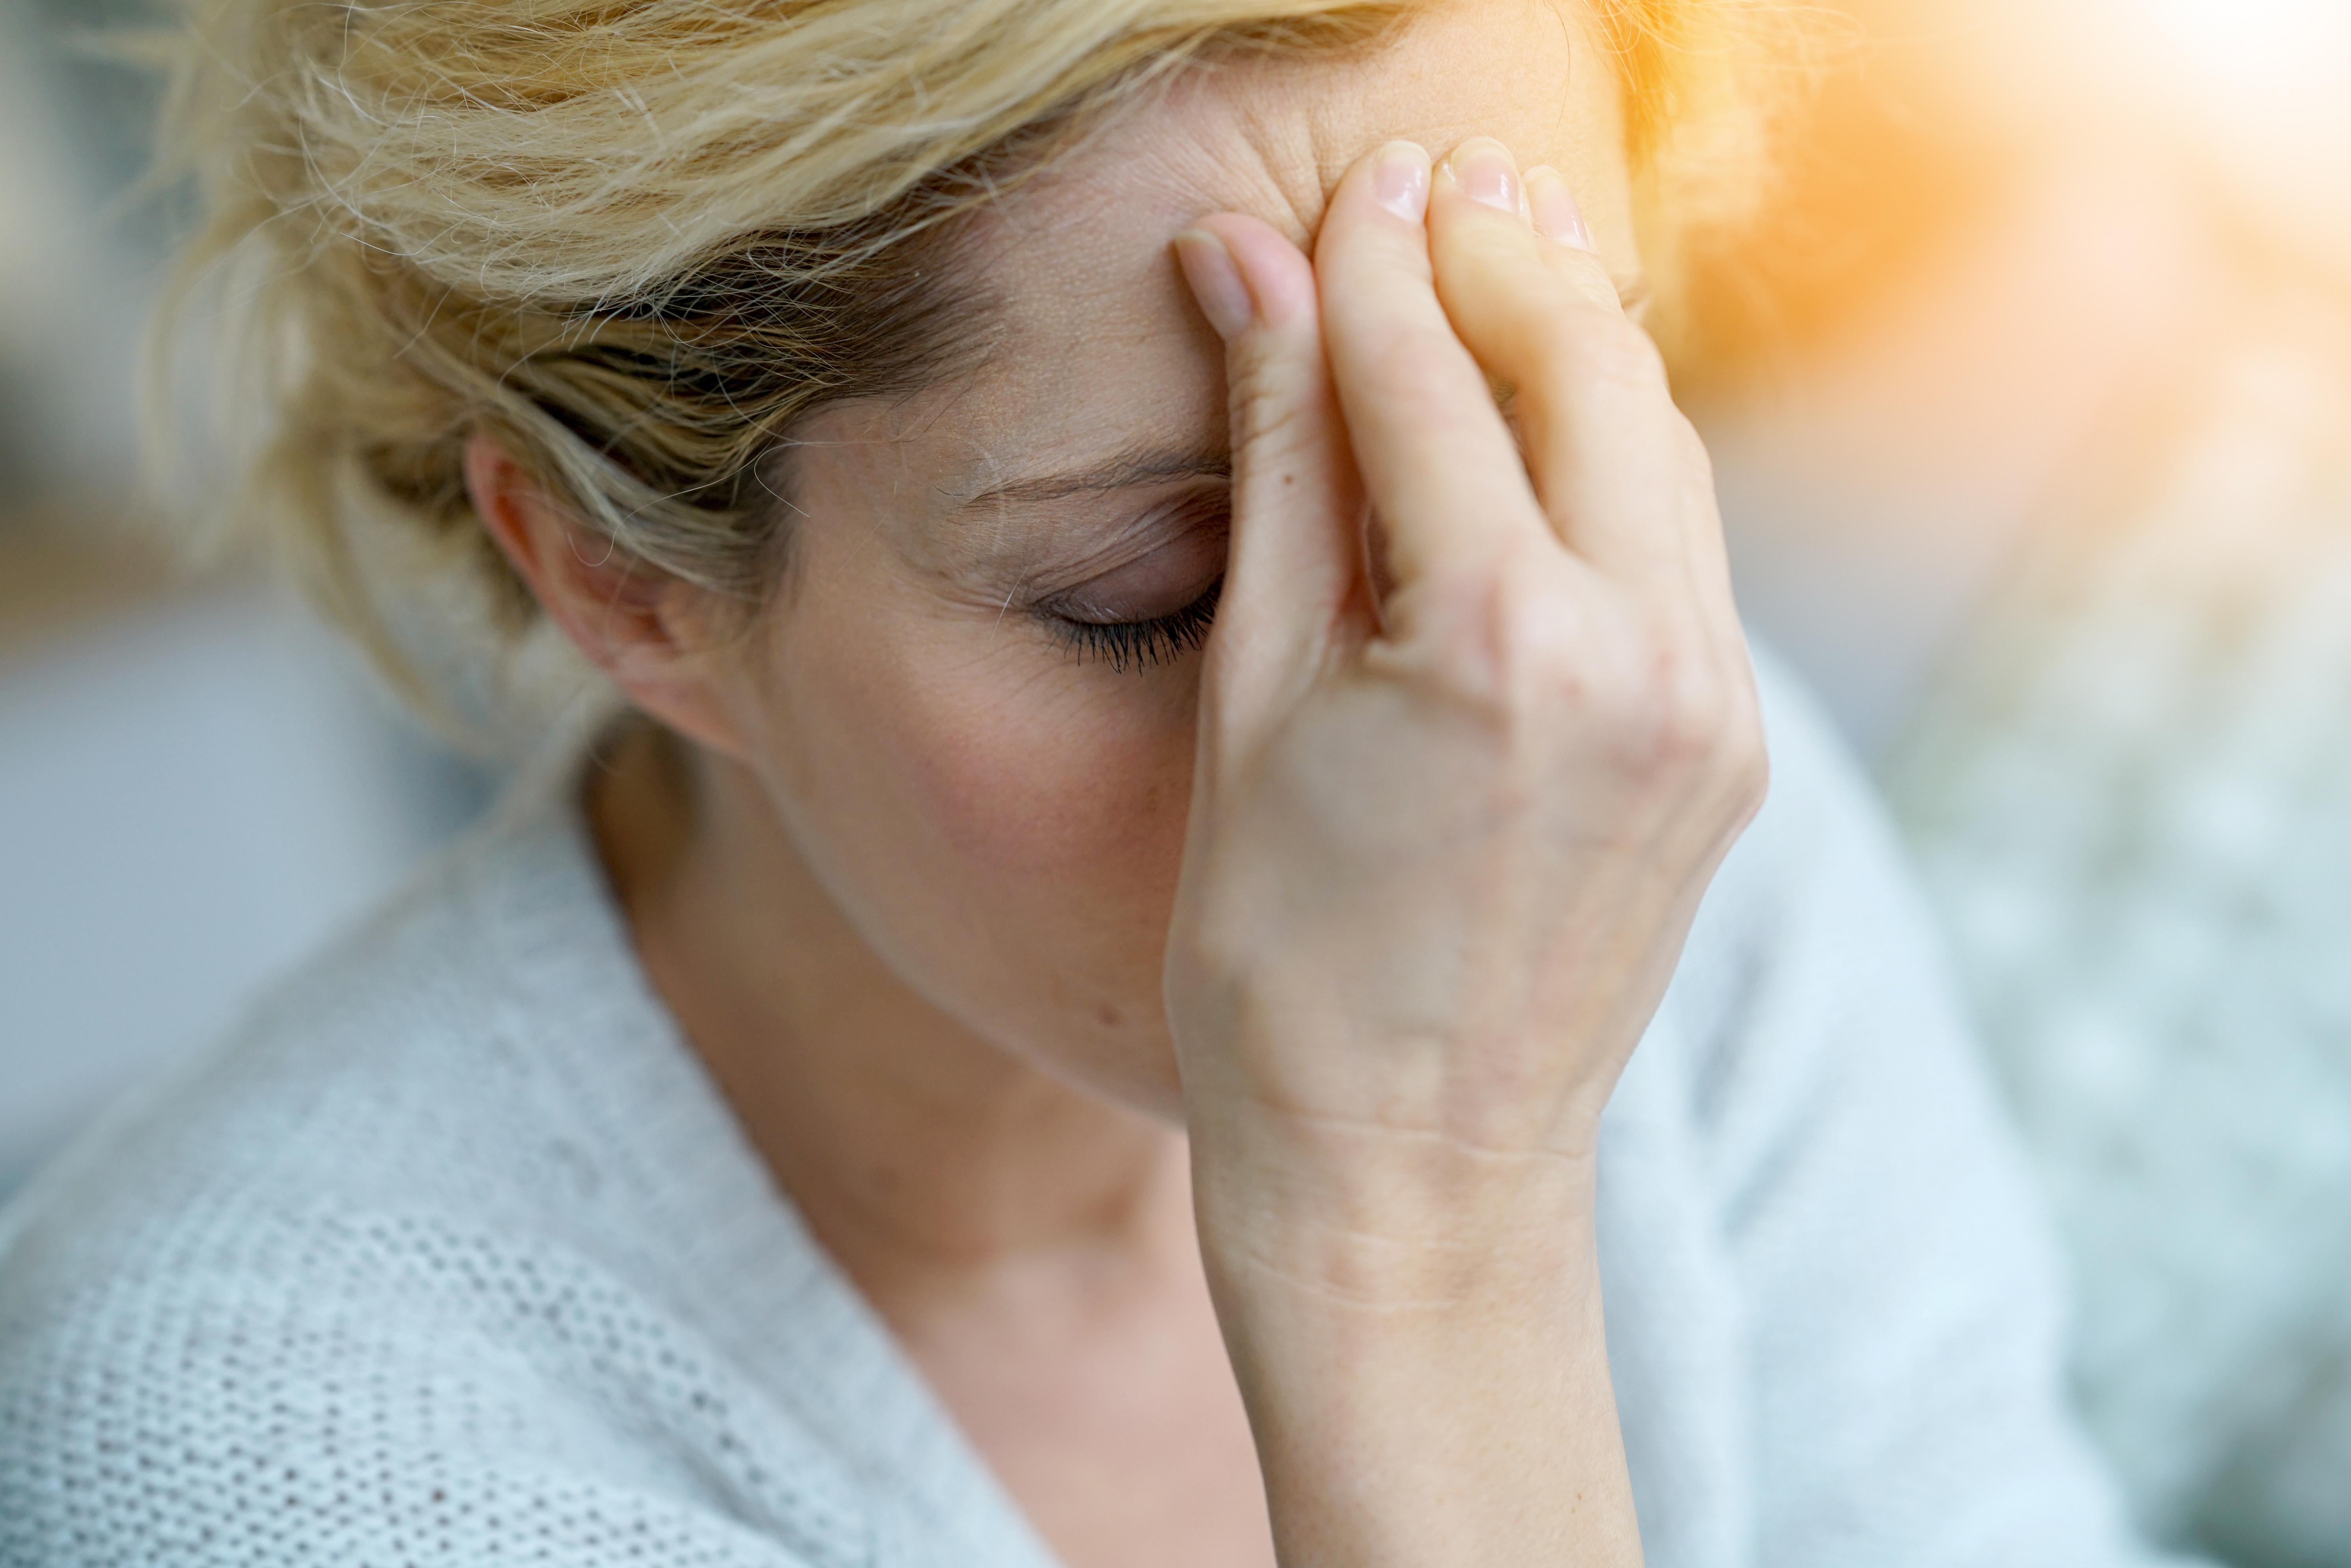 4 Common Migraine Triggers